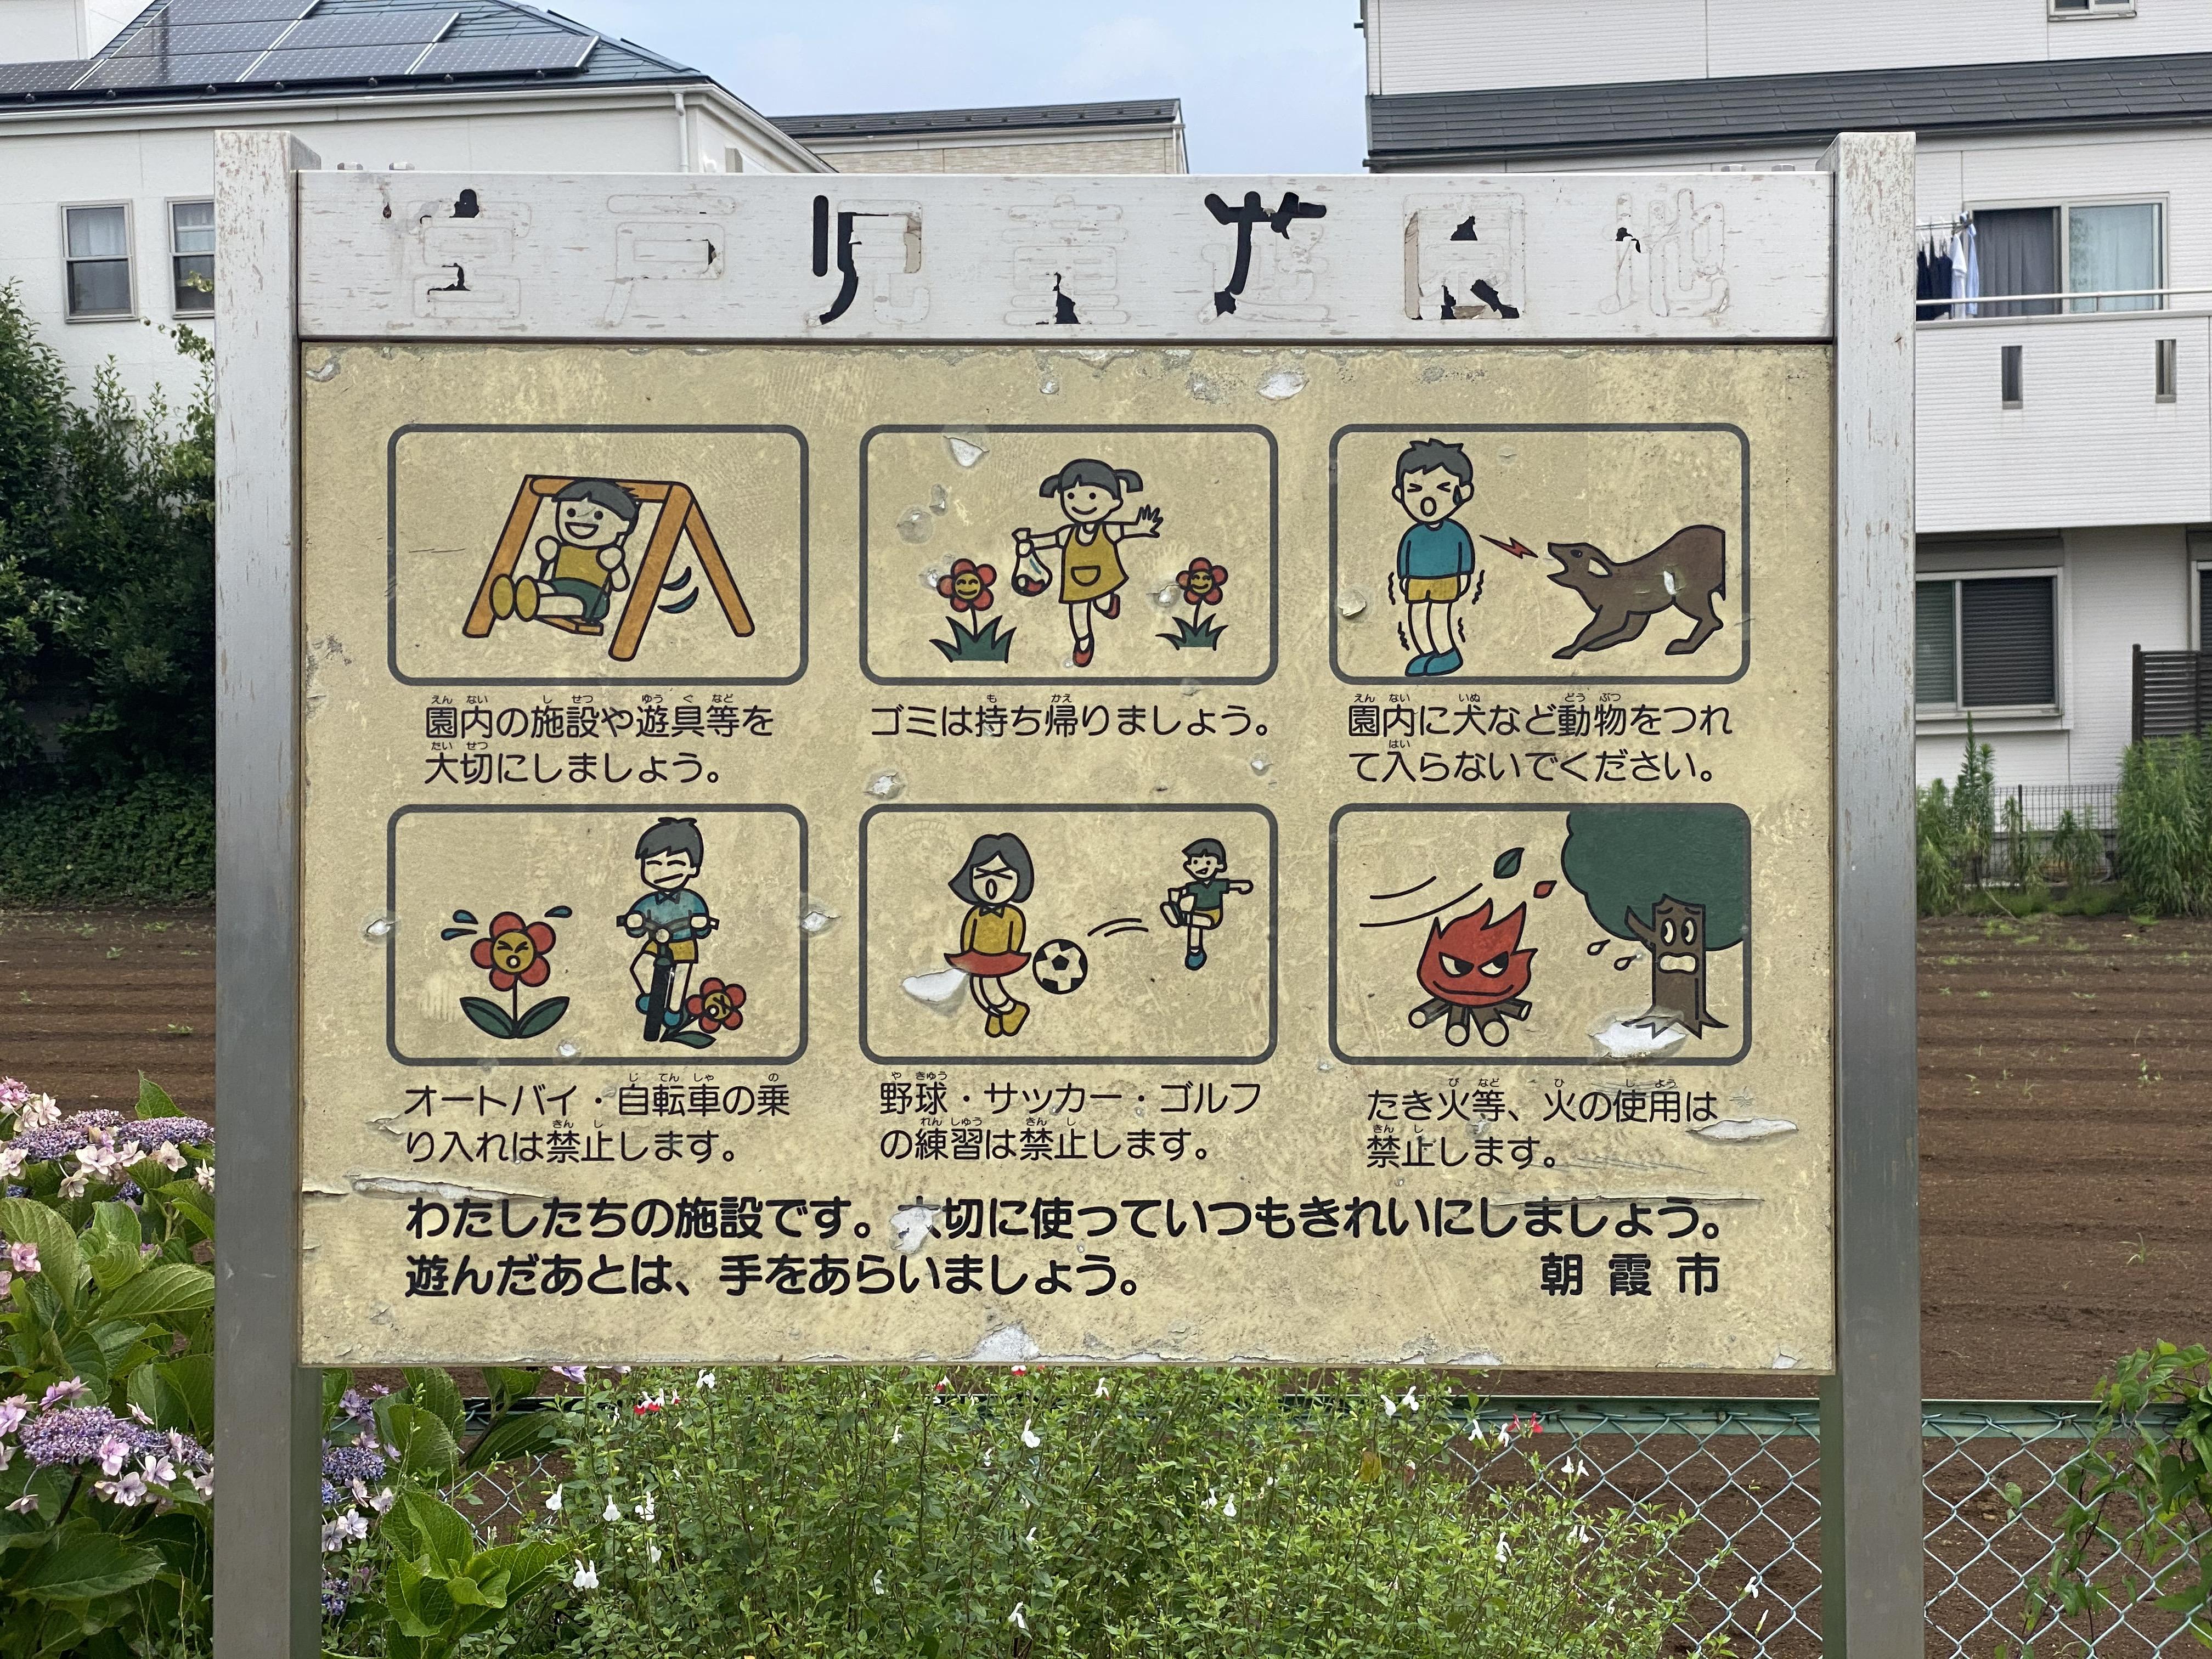 宮戸児童遊園地